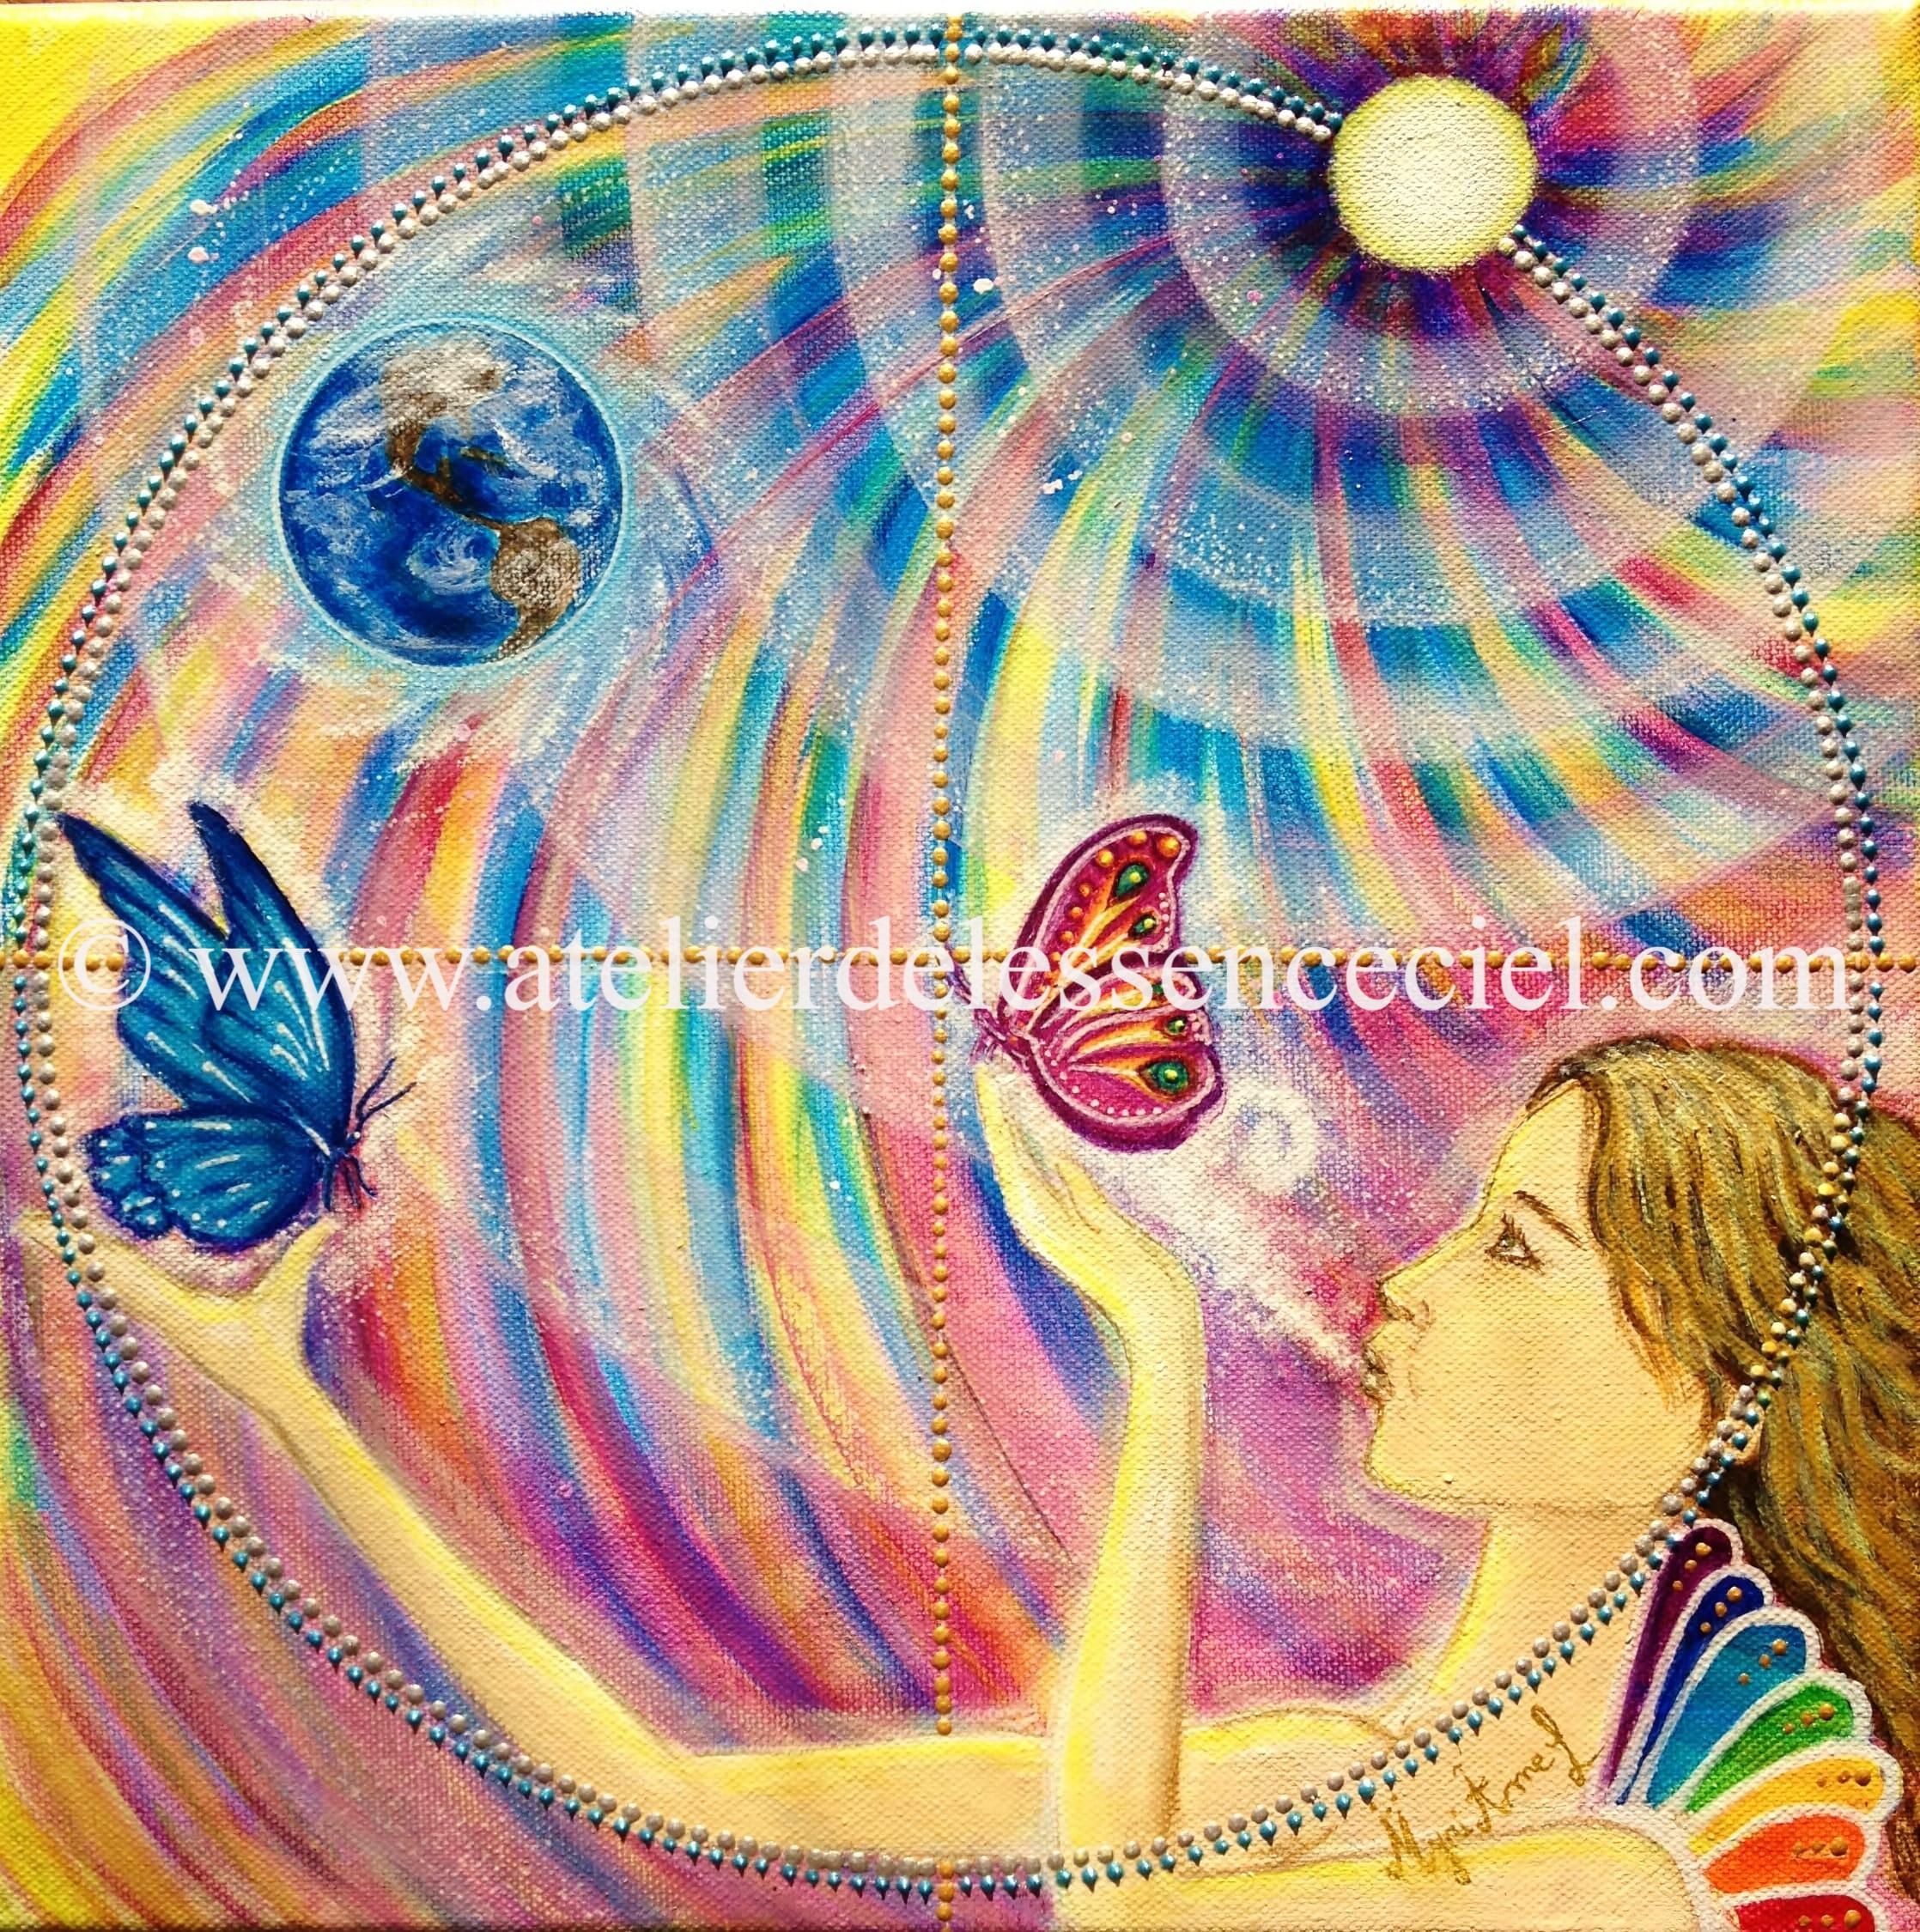 La vibration sacrée